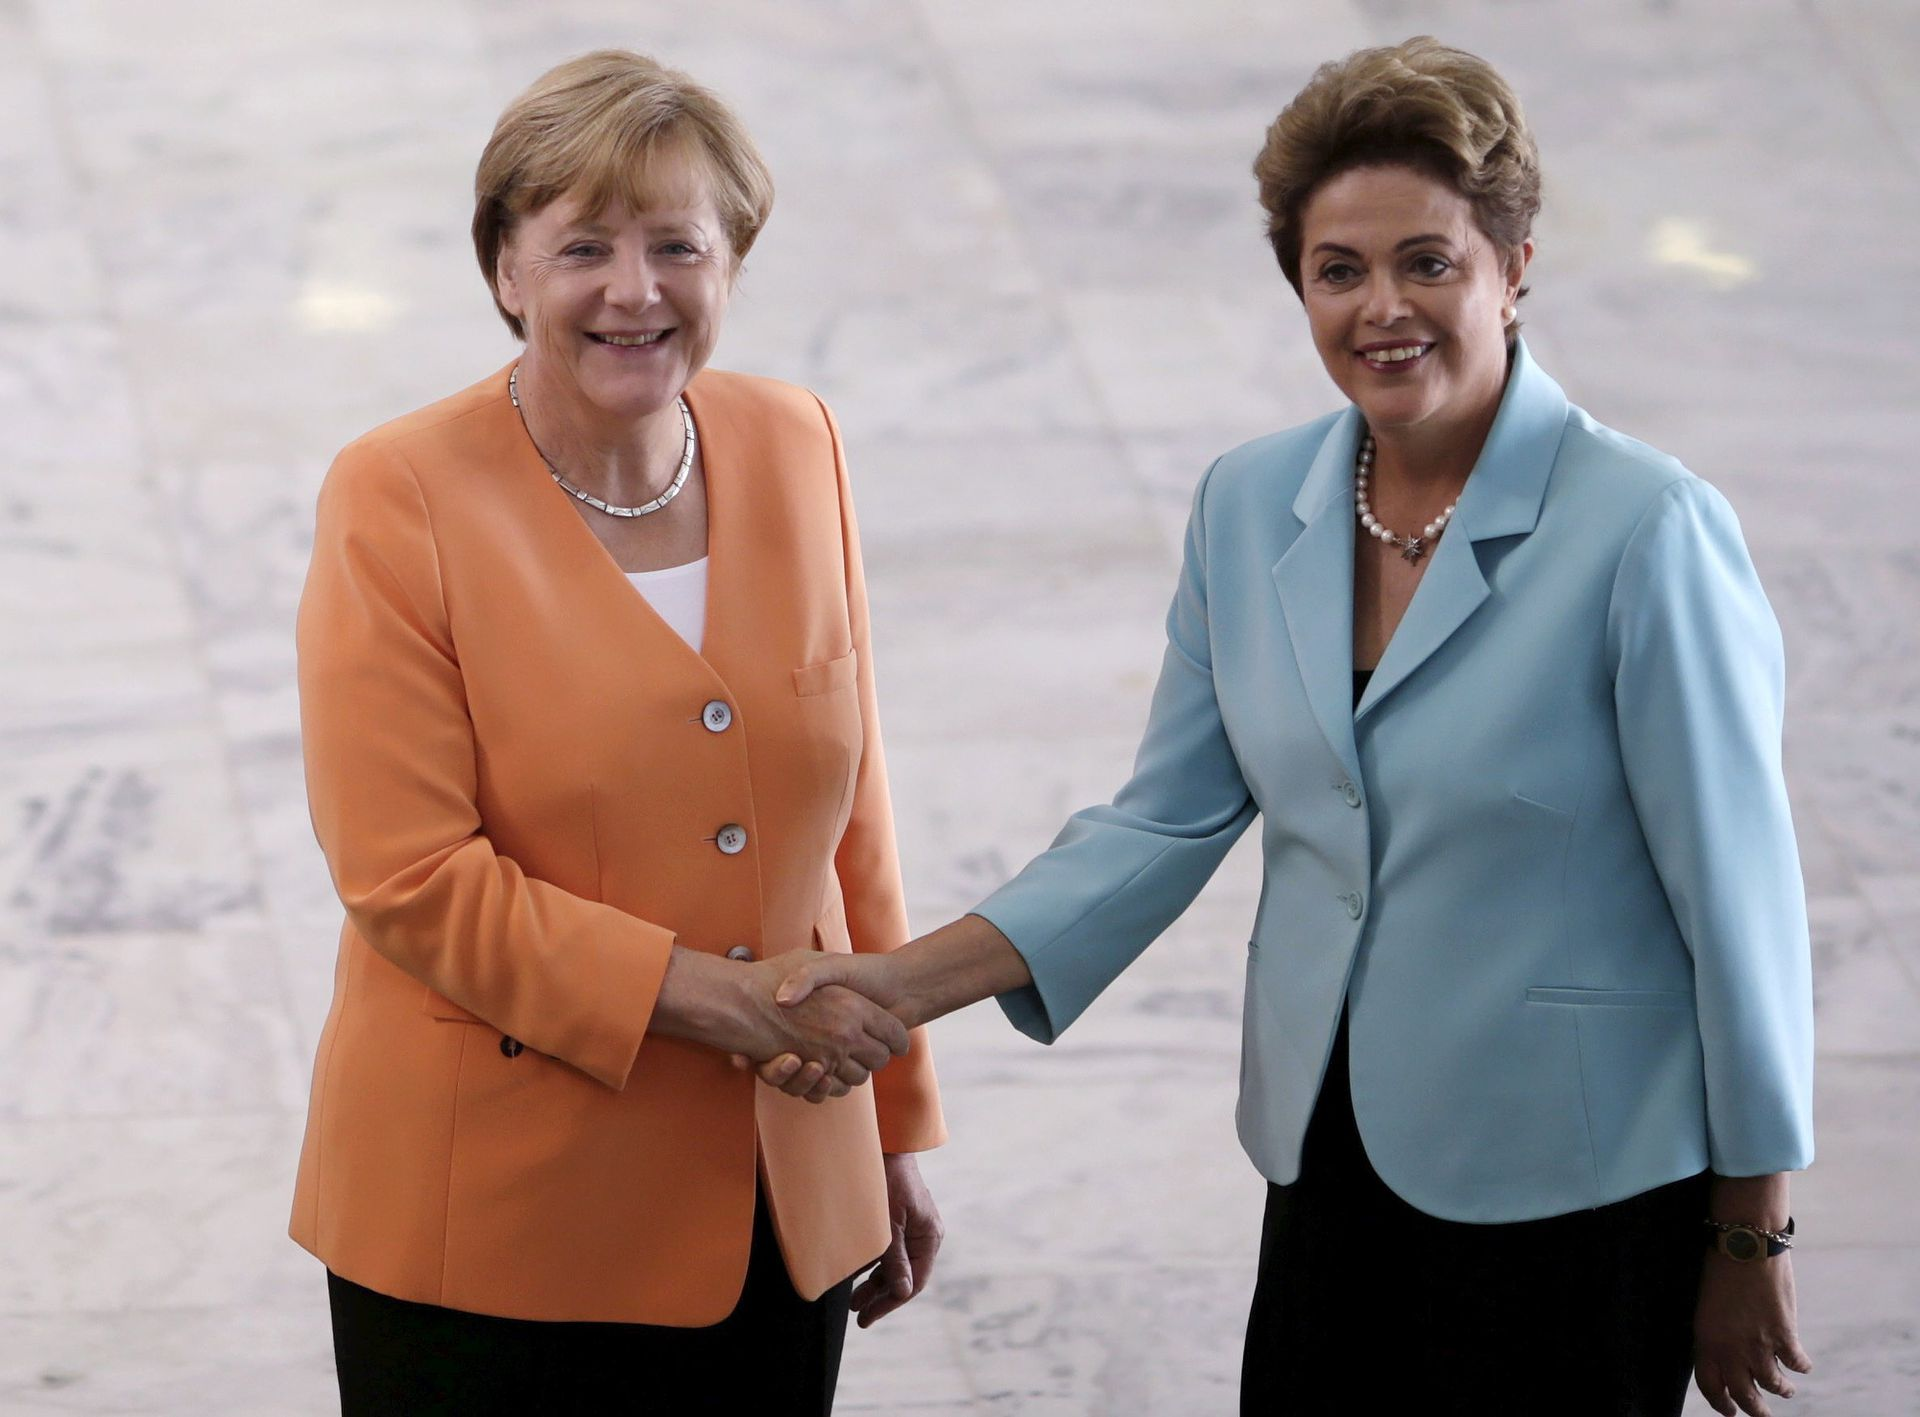 Angela Merkel se da la mano con la presidenta de Brasil, Dilma Rousseff, antes de una reunión en el Palacio Planalto en Brasilia, Brasil, el 20 de agosto de 2015